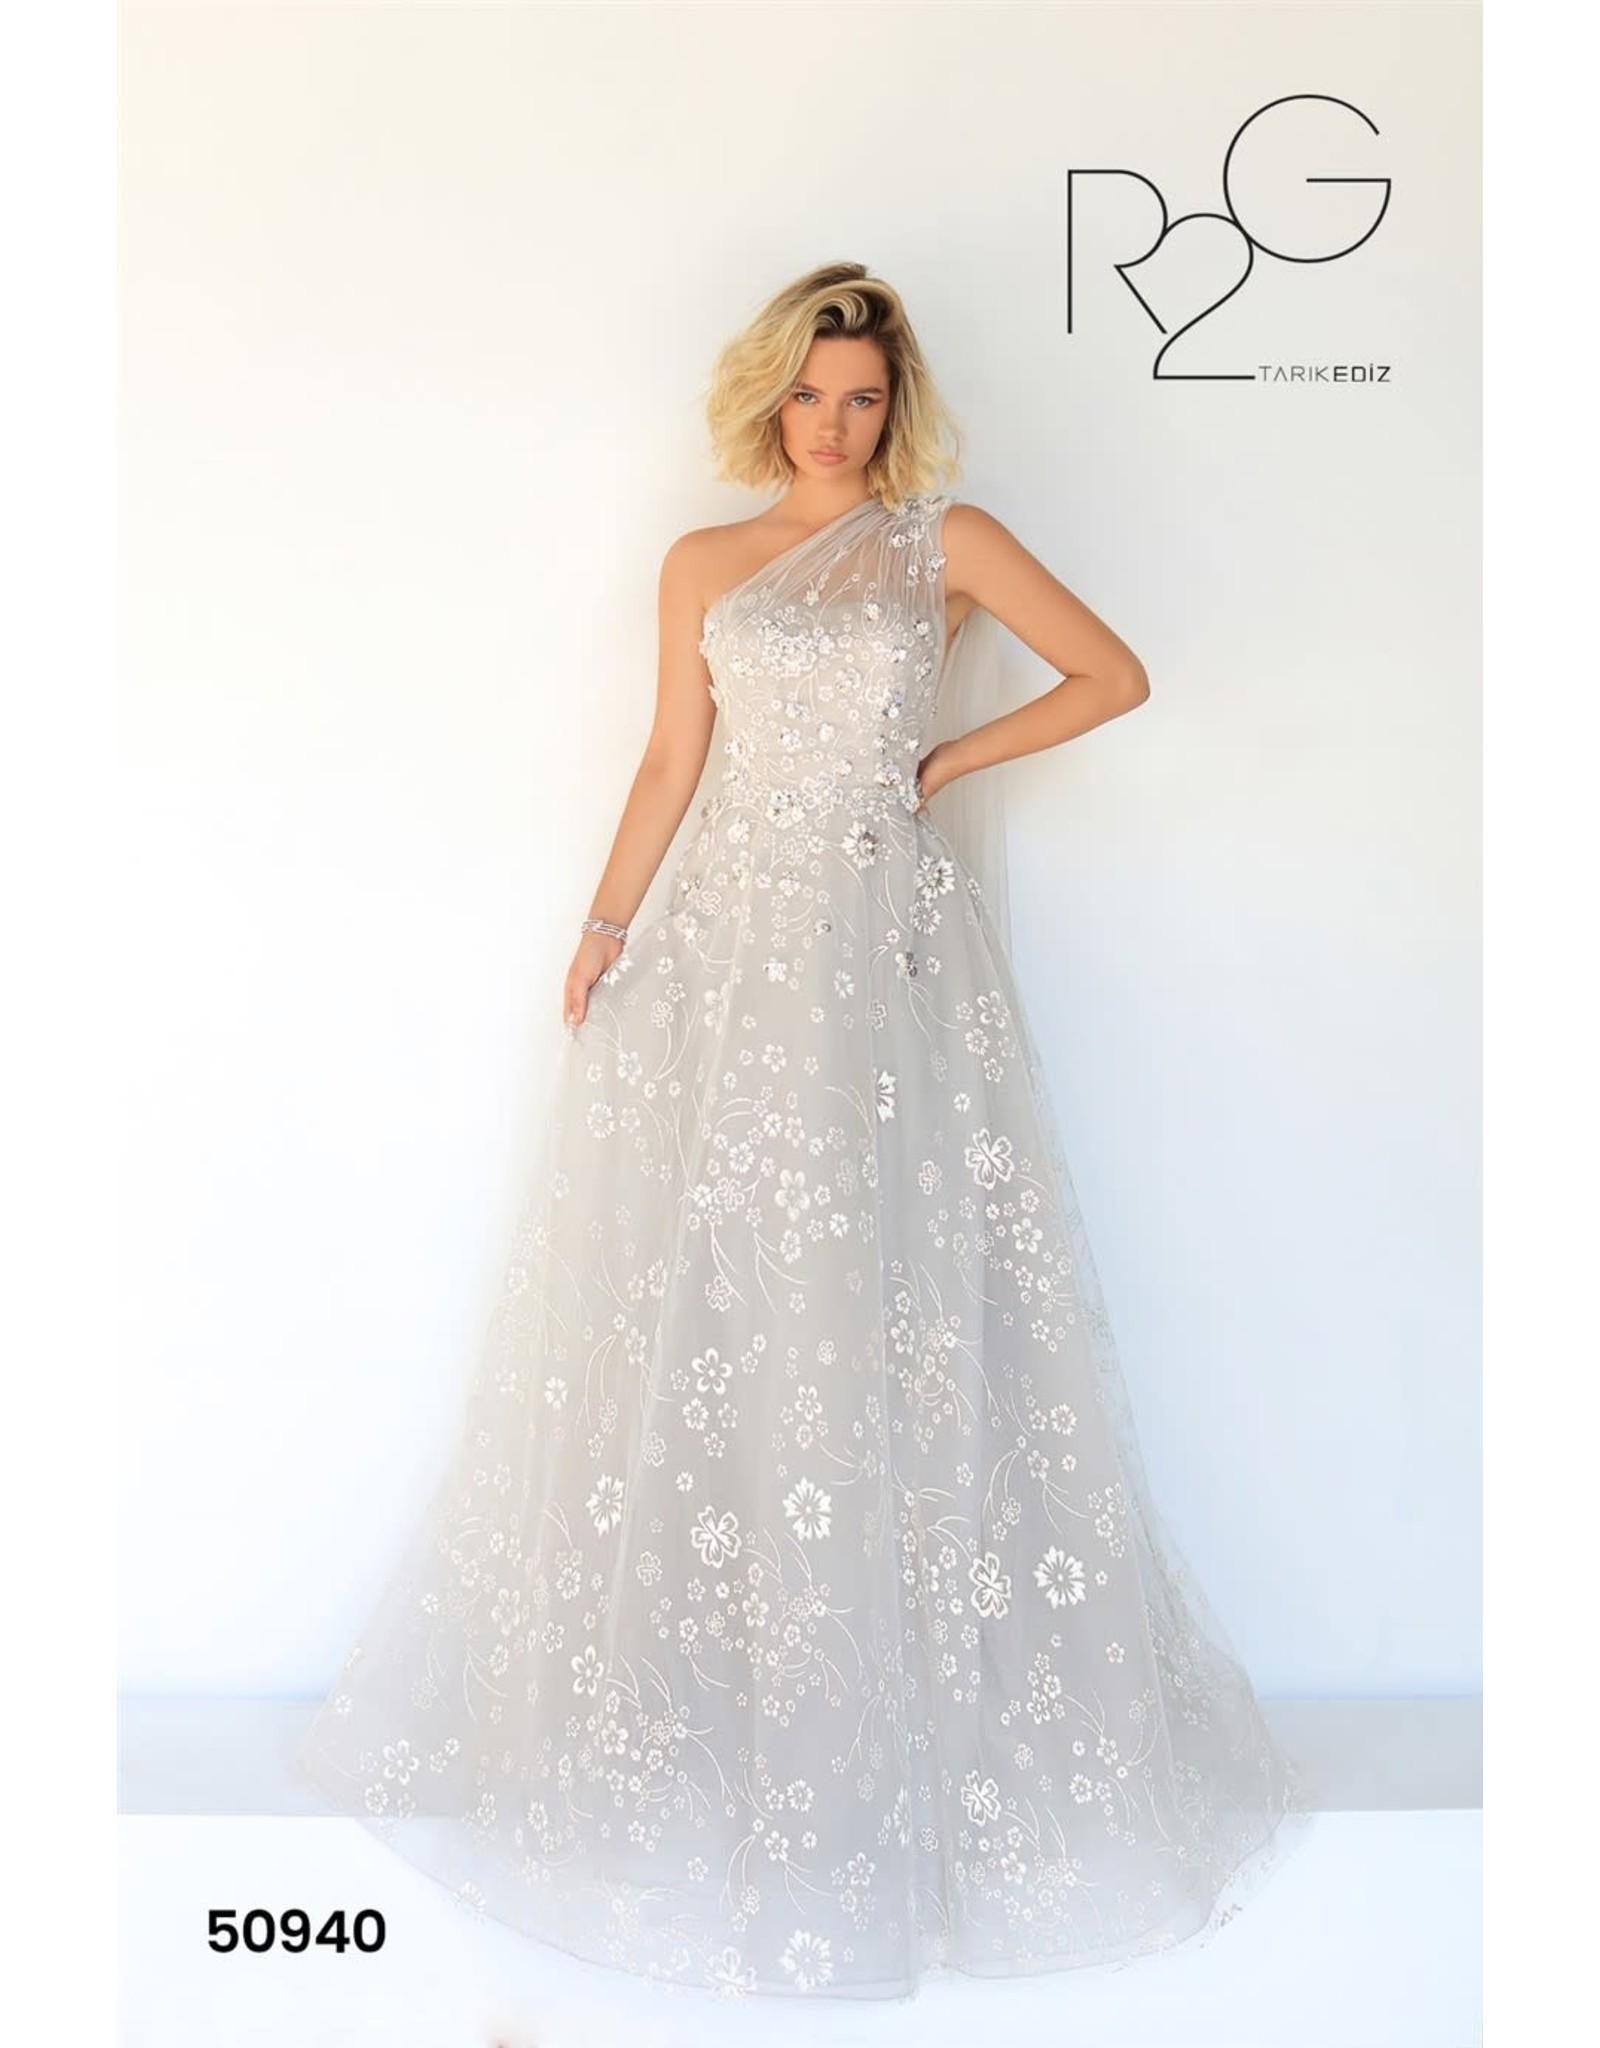 Tarik Ediz 50940 Tarik Ediz Dresses